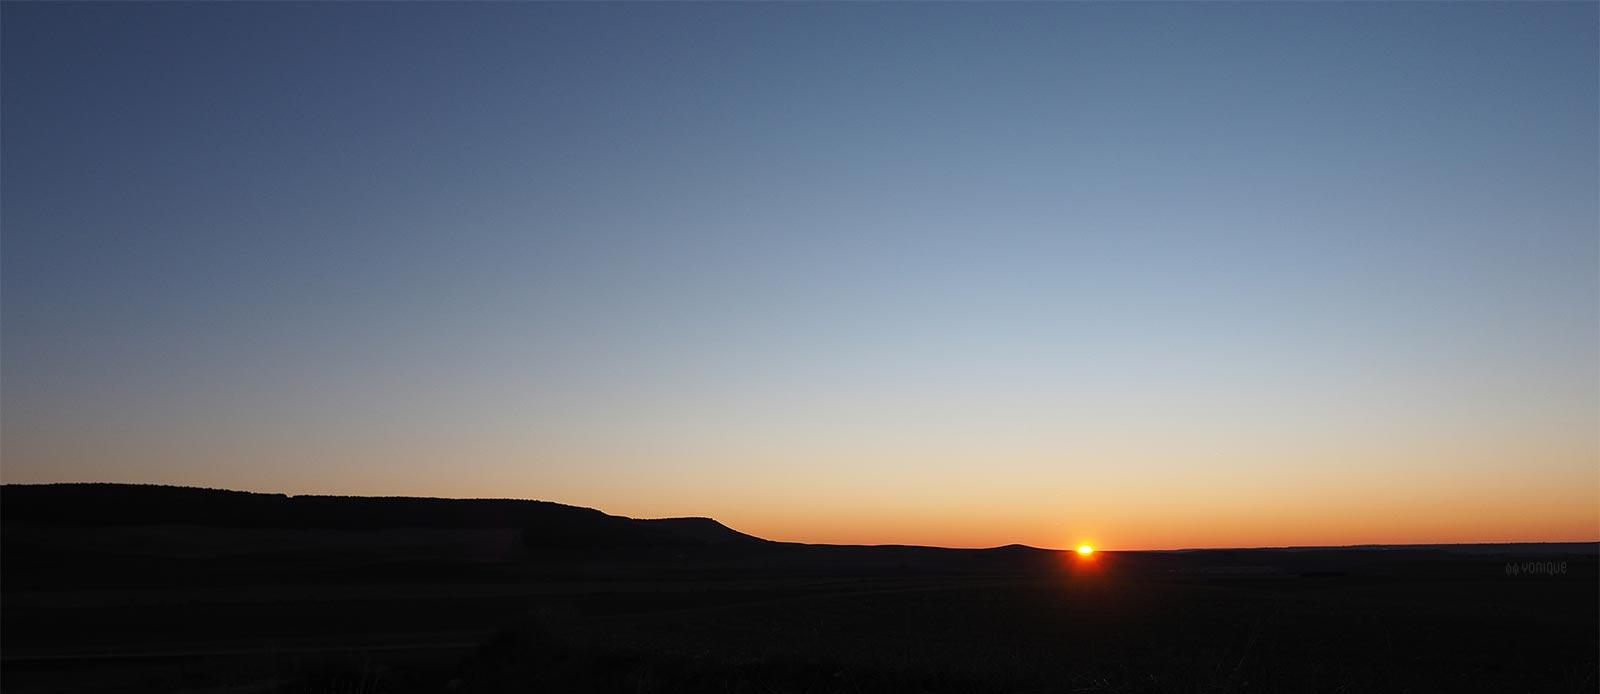 puesta-sol-monte-los-propios-duenas-palencia-spain